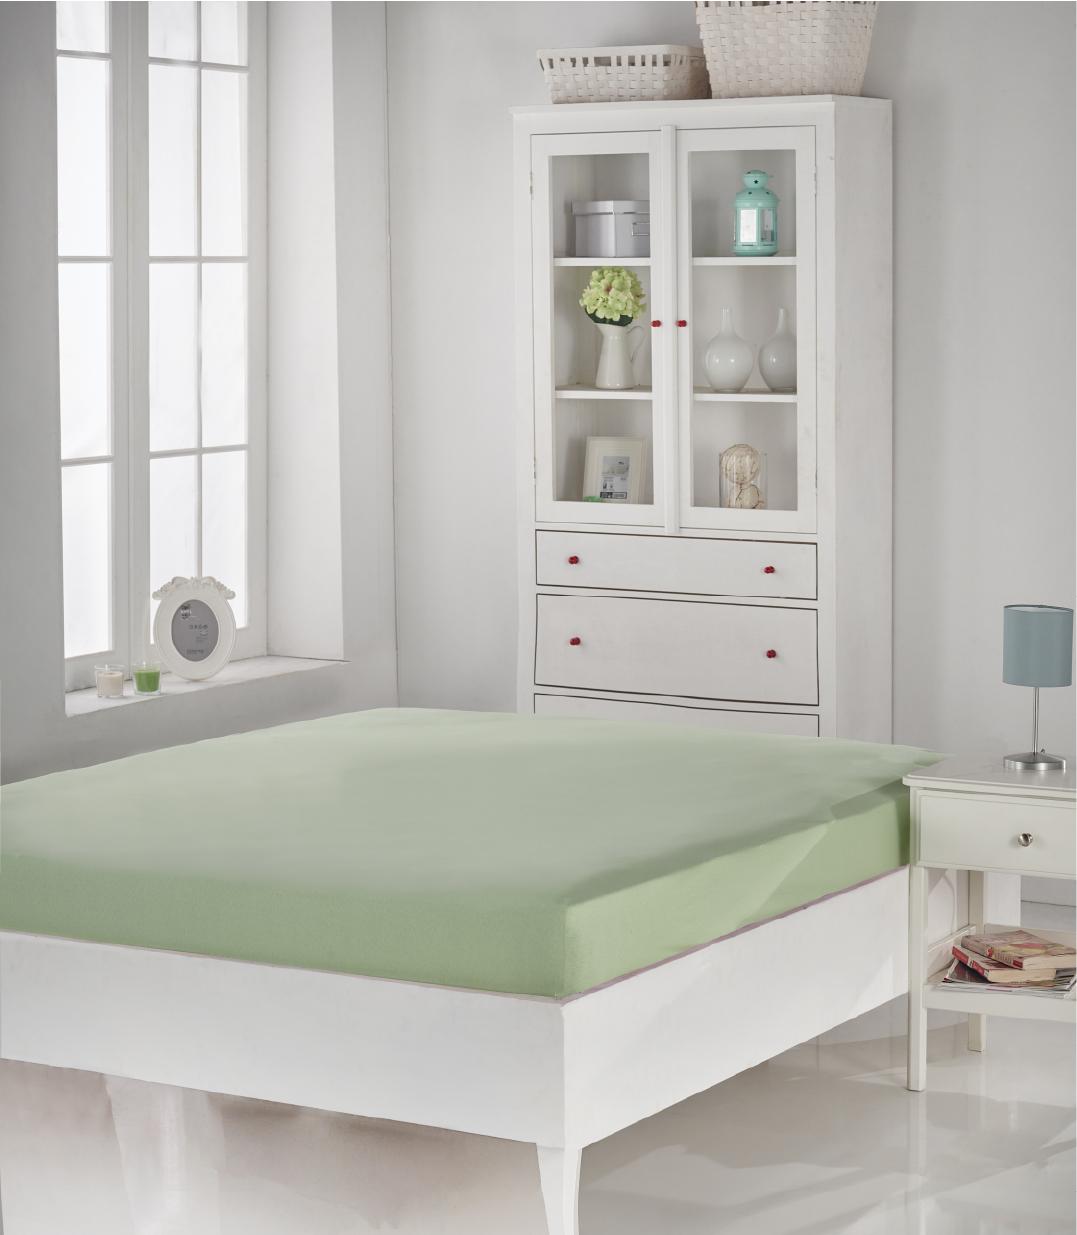 Купить Простыни Karna, Простыня на резинке Acelya Цвет: Светло-Зеленый (160х200), Турция, Хлопковый трикотаж